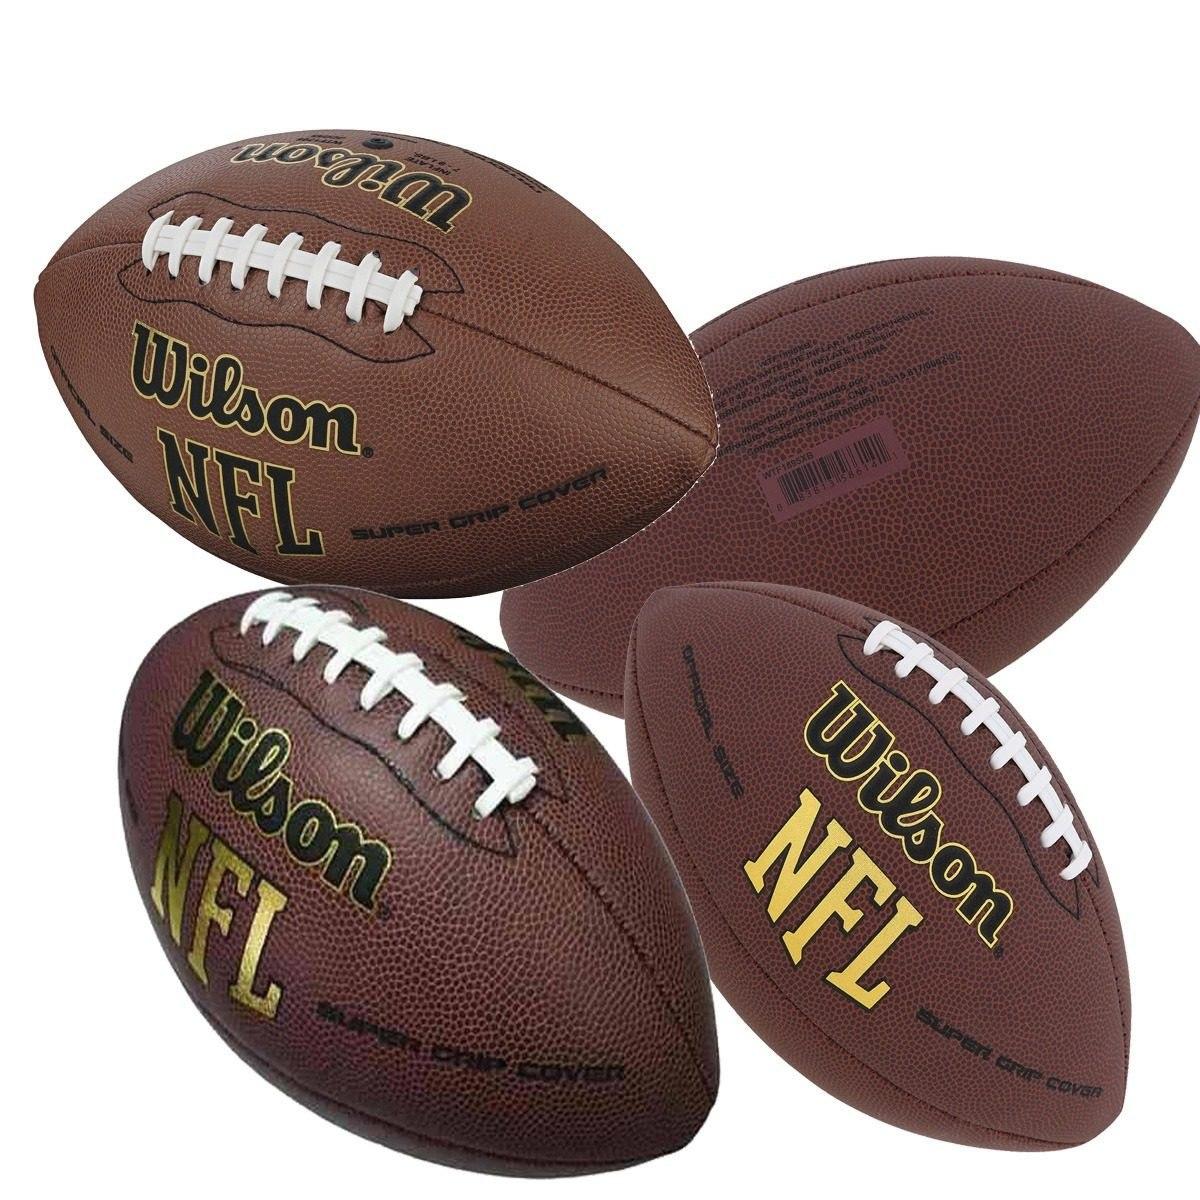 4 bolas de futebol americano wilson nfl super grip original. Carregando  zoom. 1b65b7f822b8e